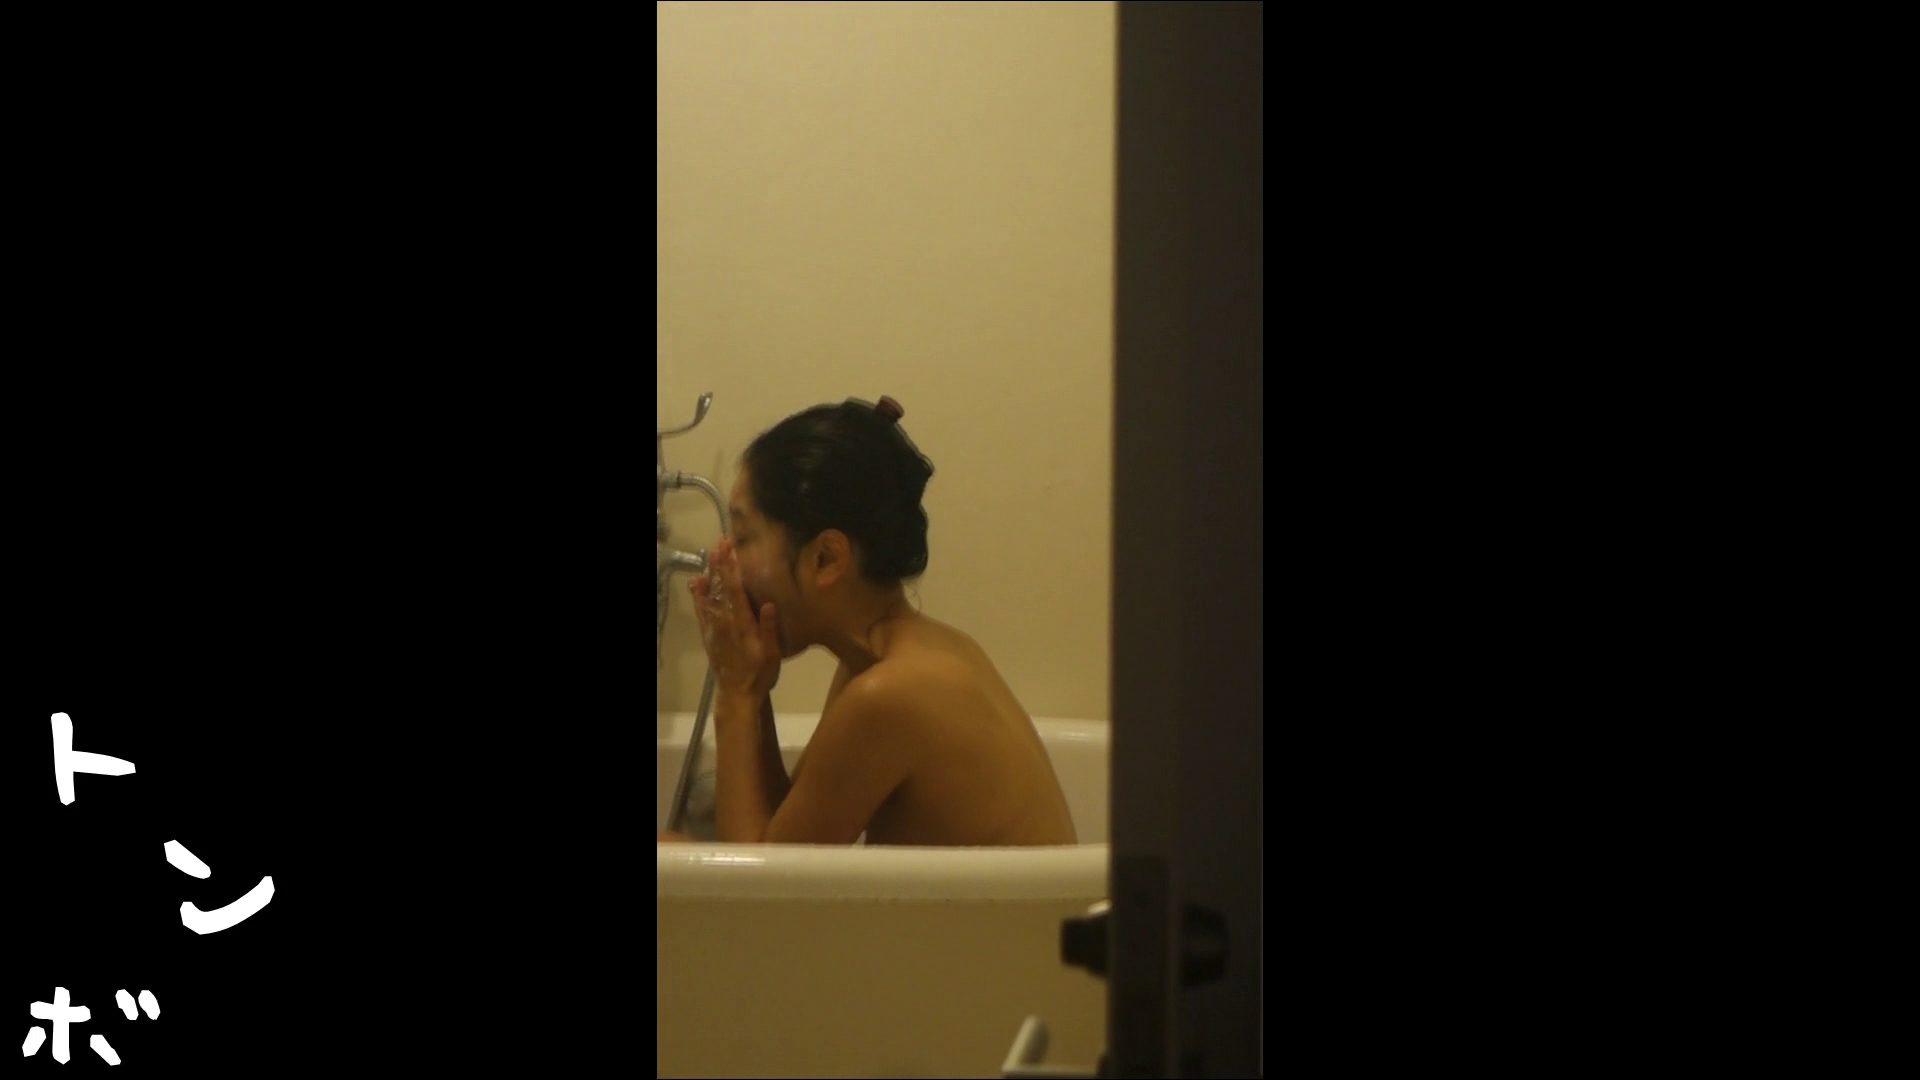 リアル盗撮 オナニー有り!現役モデルのシャワーシーン1 美女 アダルト動画キャプチャ 51画像 25